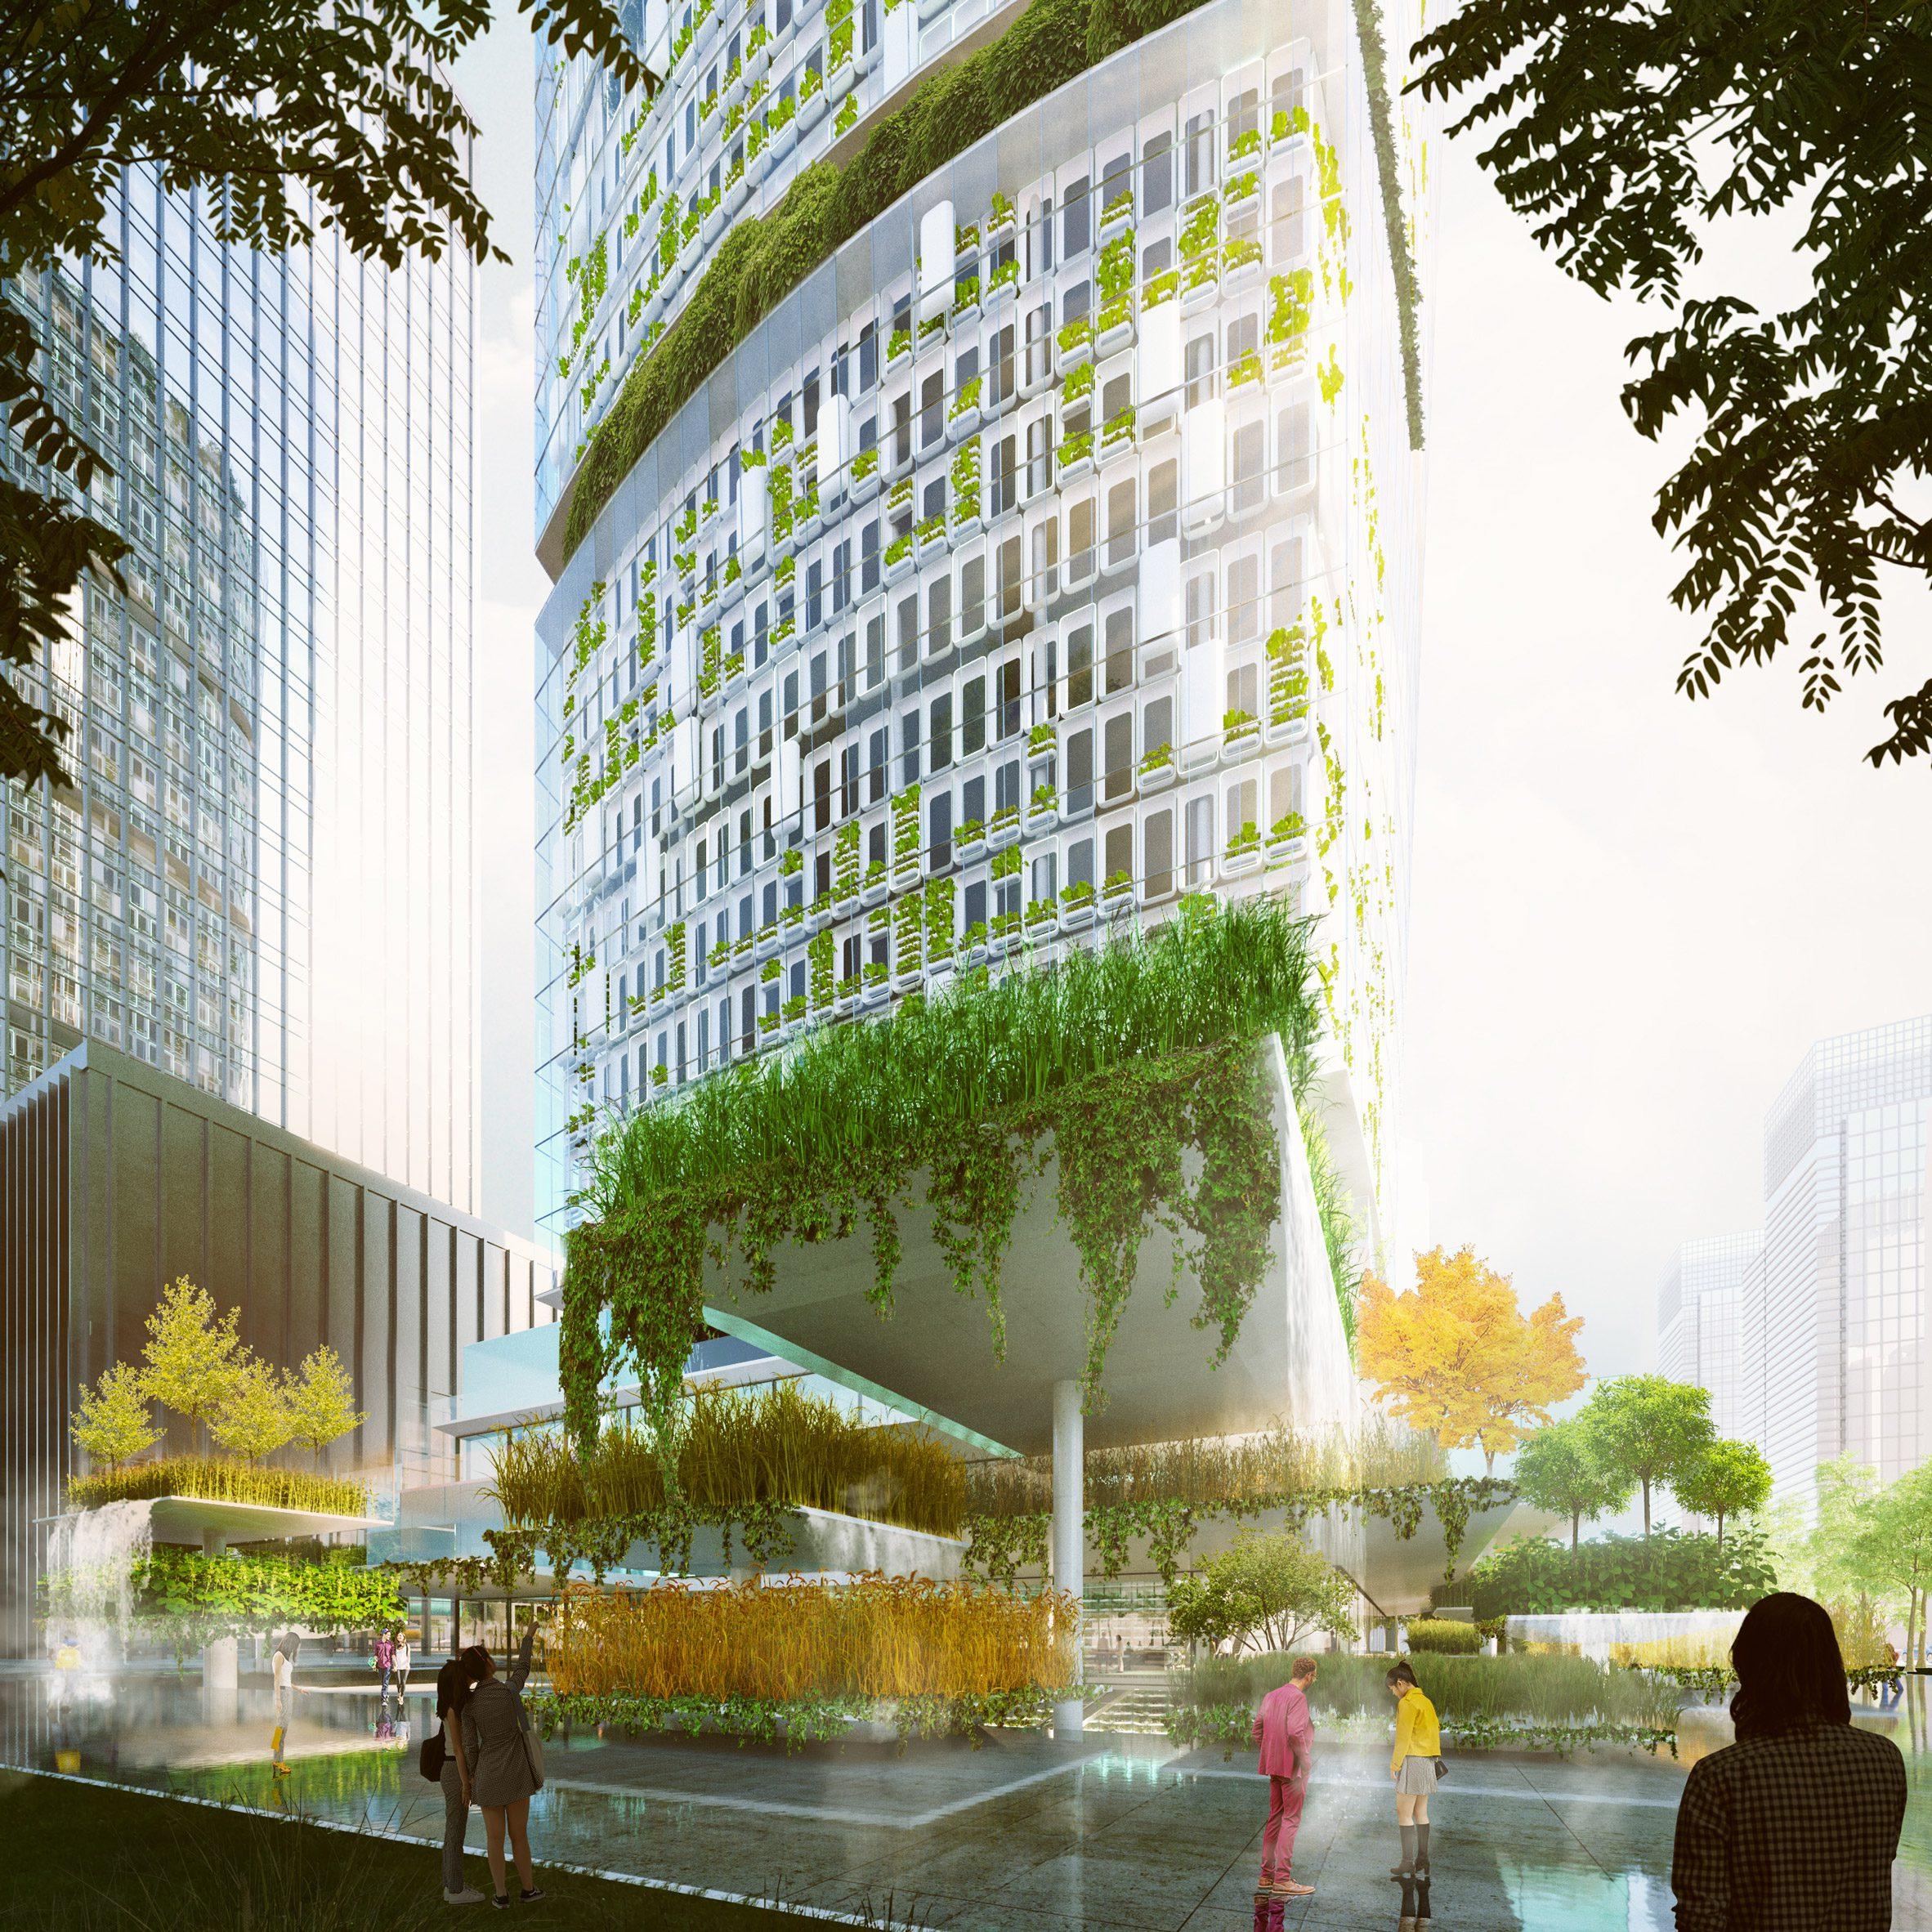 A visual of Jian Mu Tower